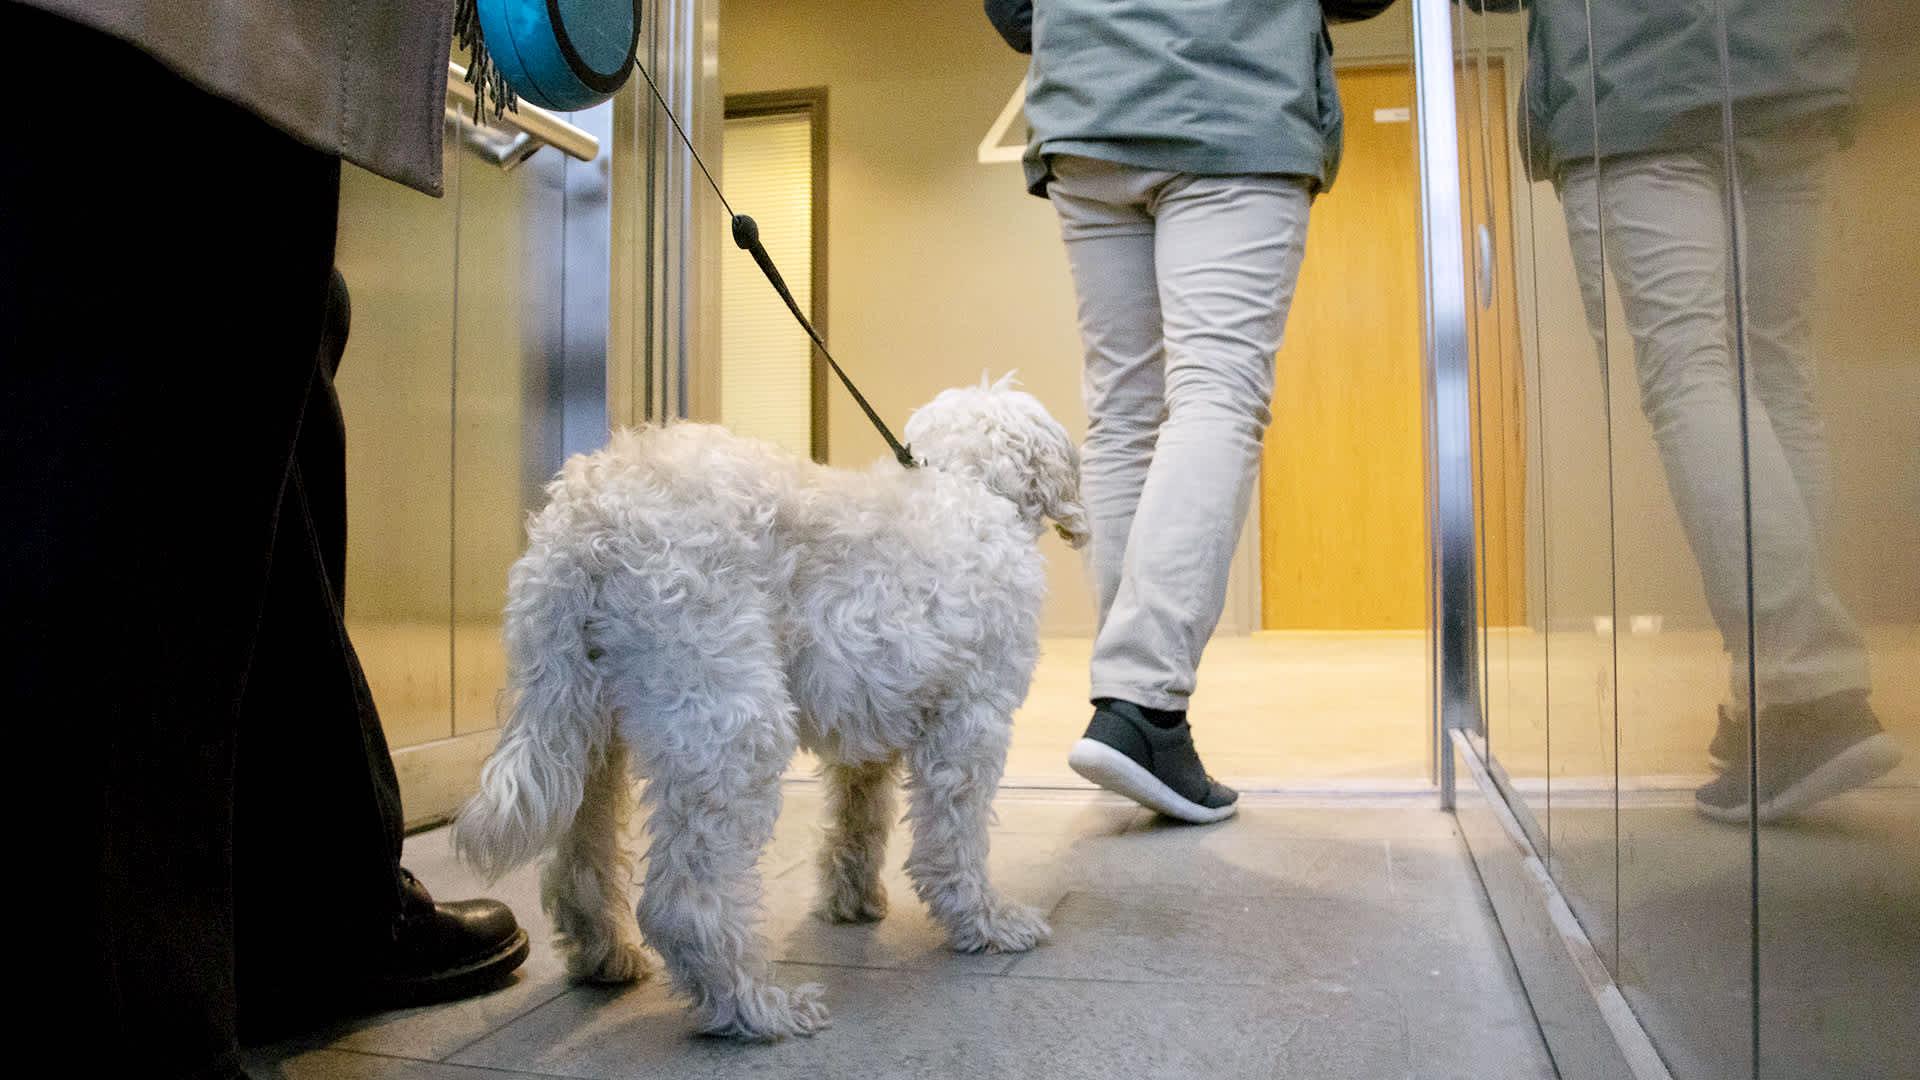 Koira lähdössä hissistä ihmisen perässä.